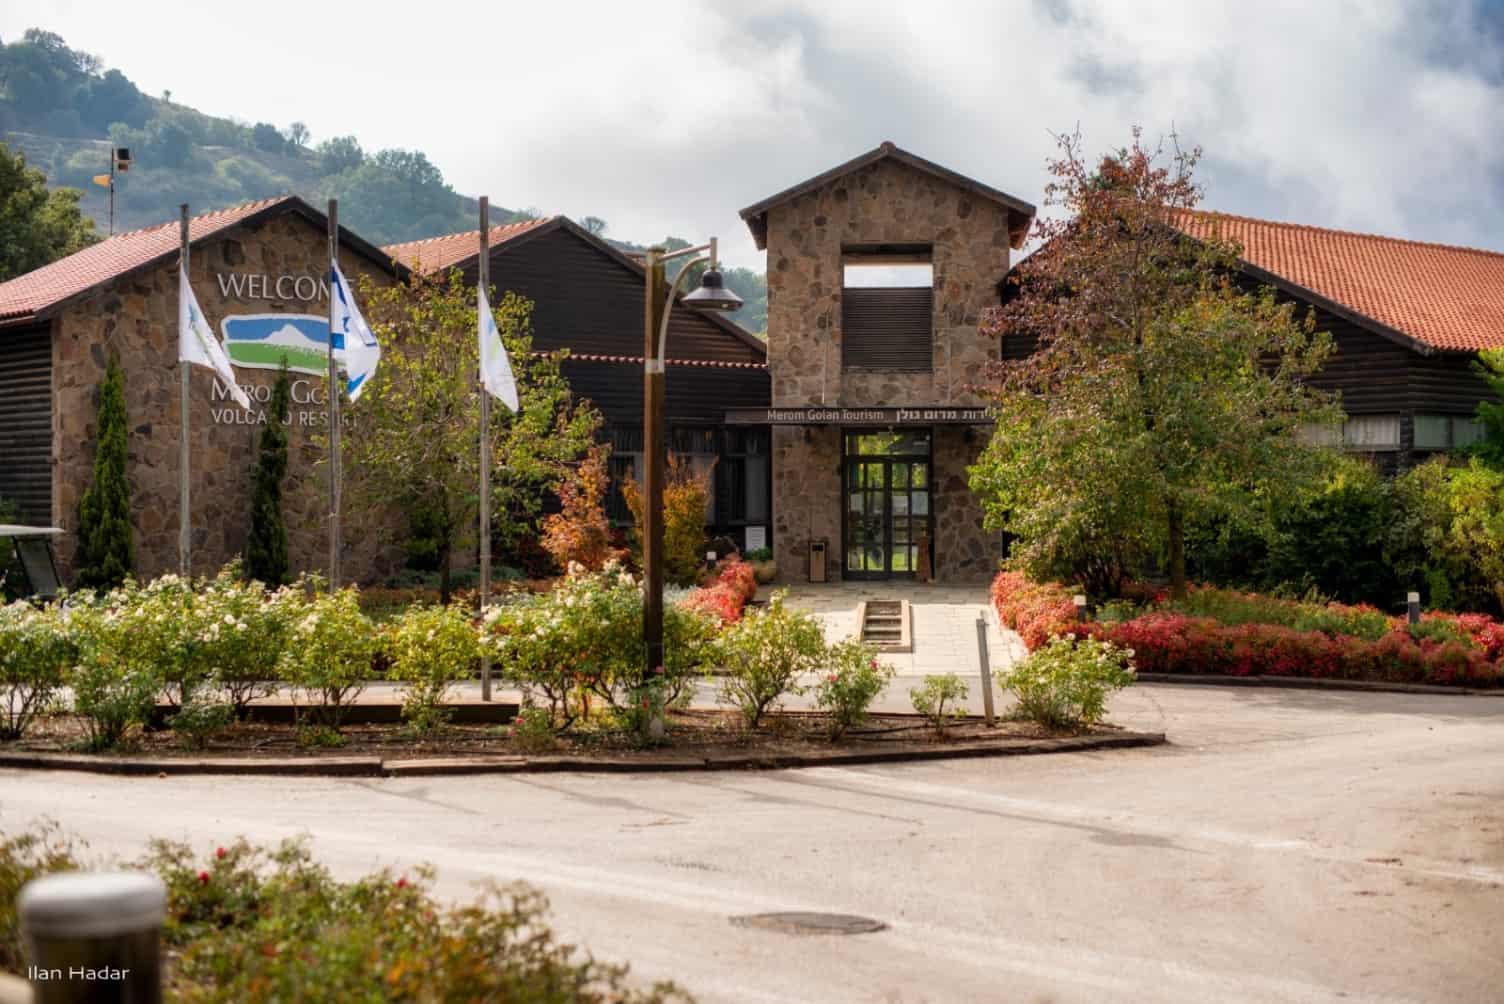 מלון מרום גולן (5)